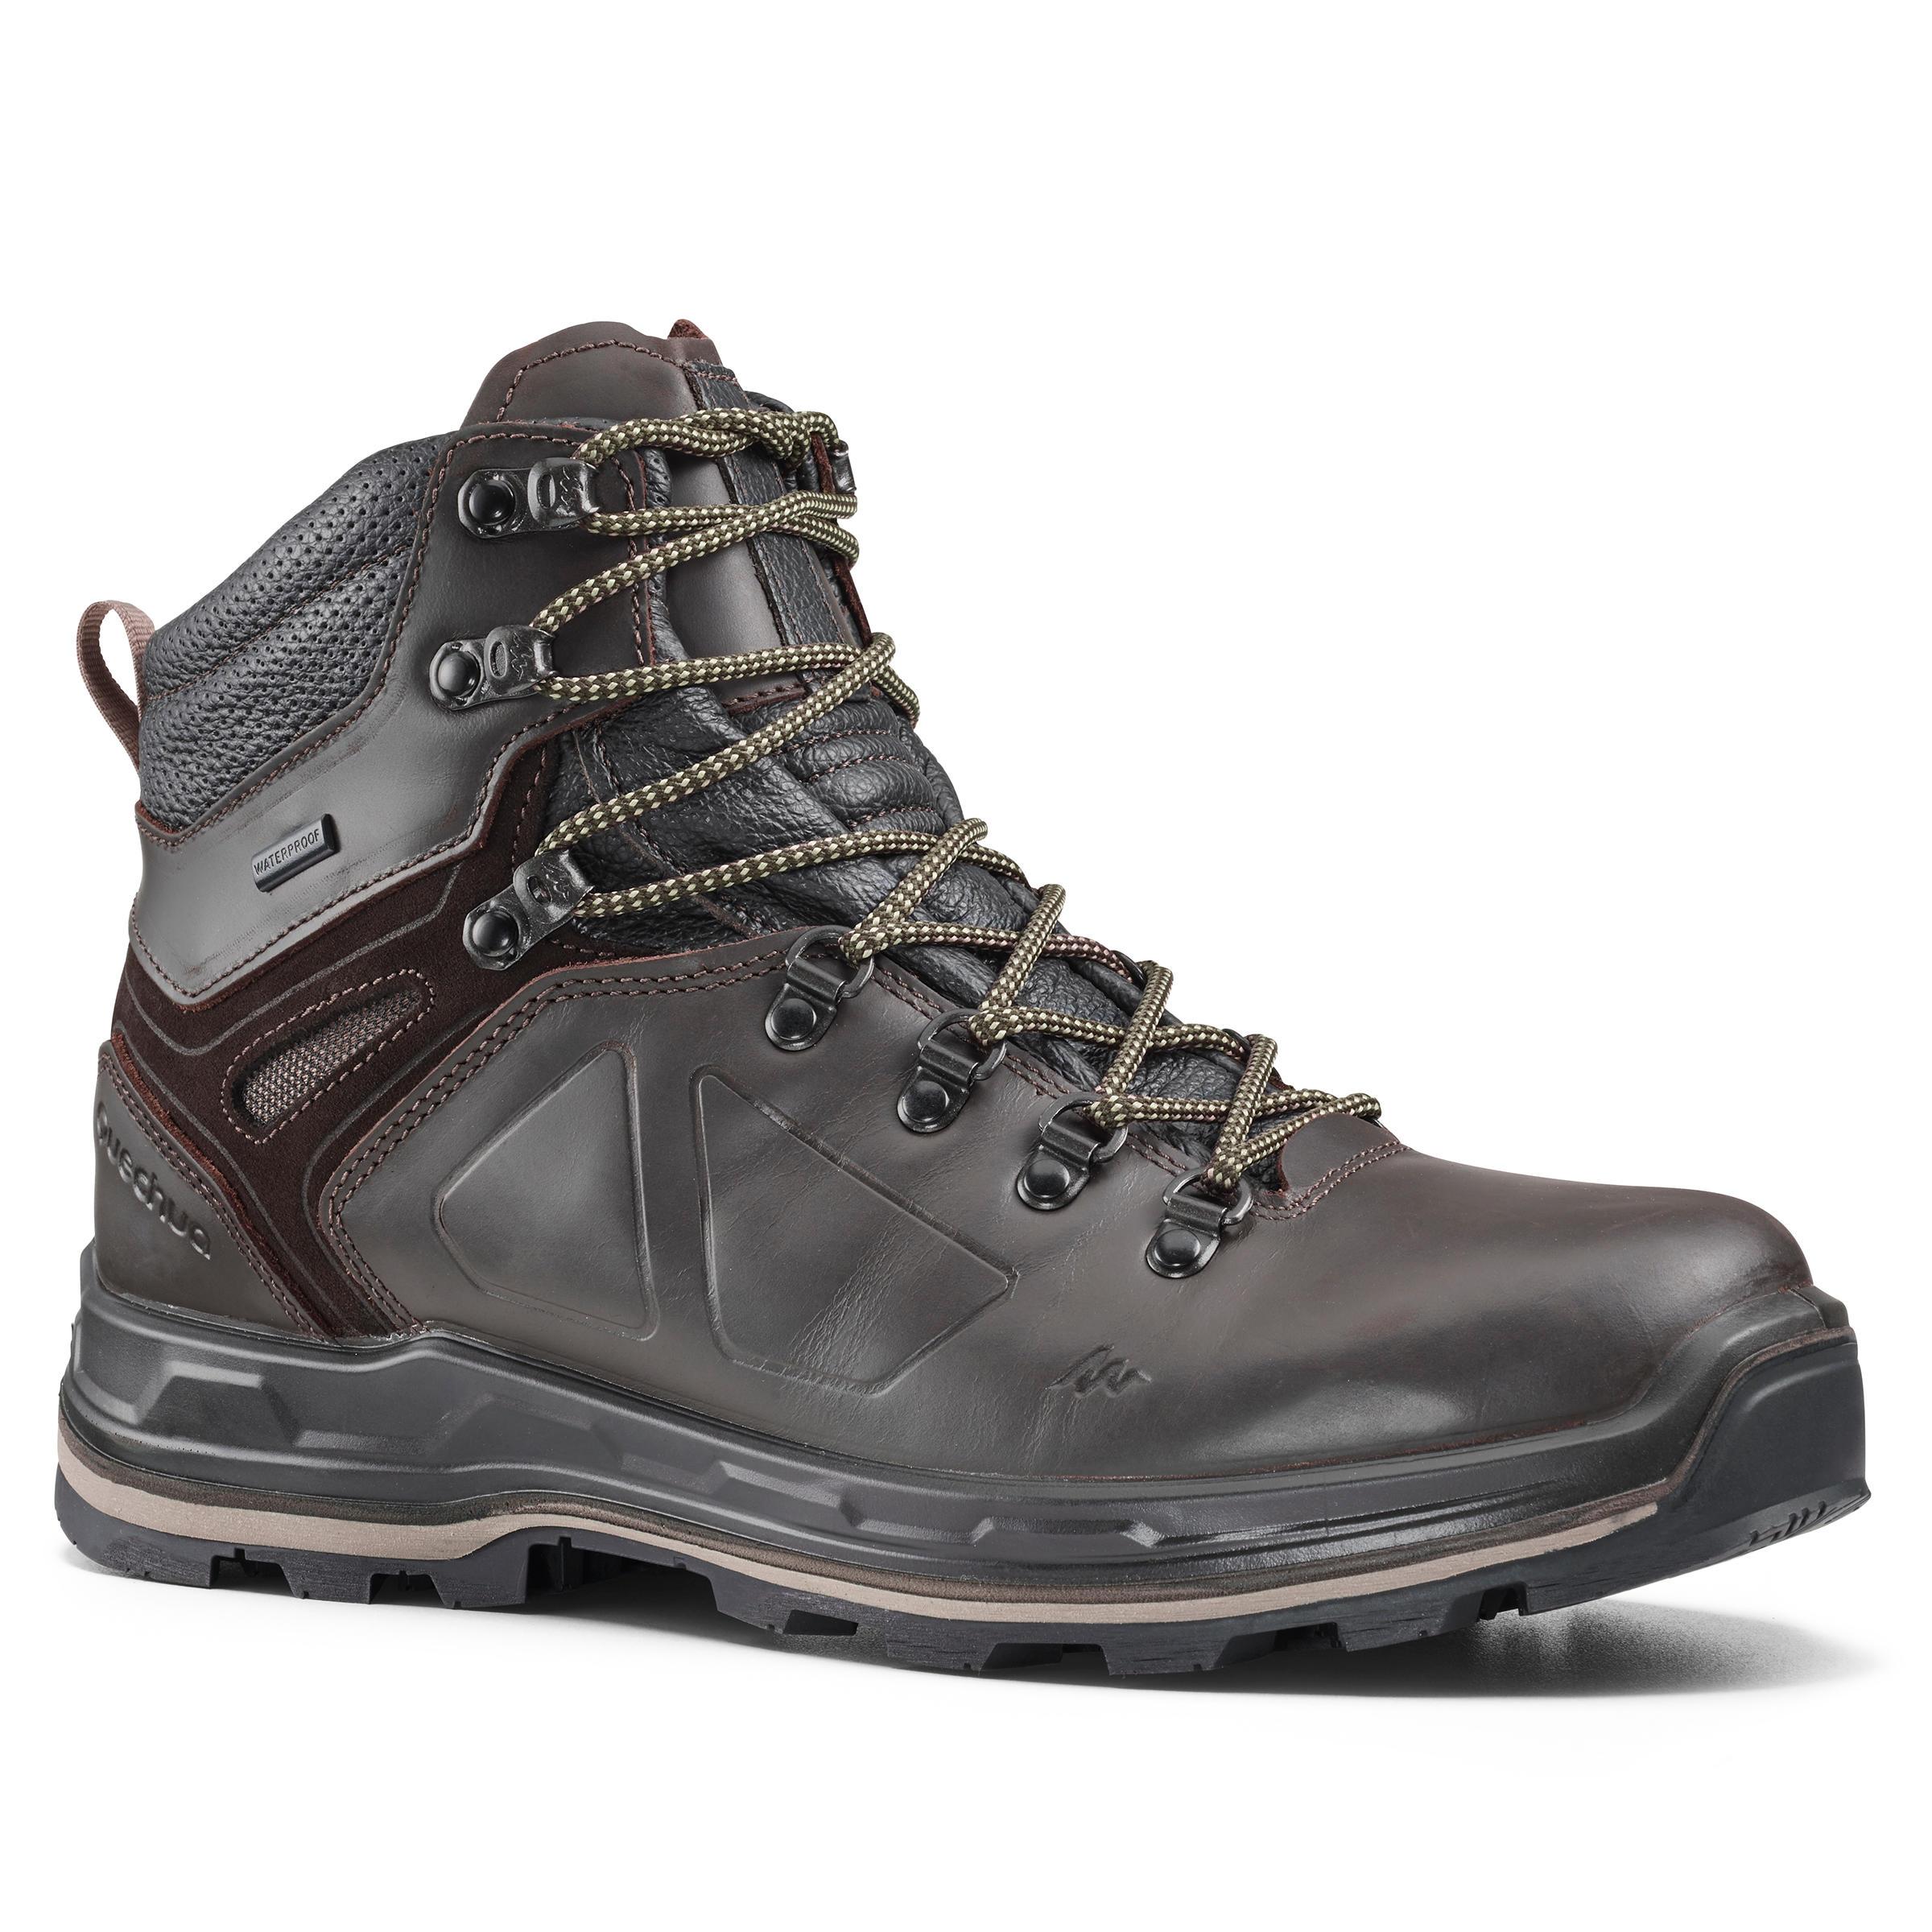 Trekkingschuhe Trek500 Herren Wasserdicht   Schuhe > Outdoorschuhe > Trekkingschuhe   Forclaz